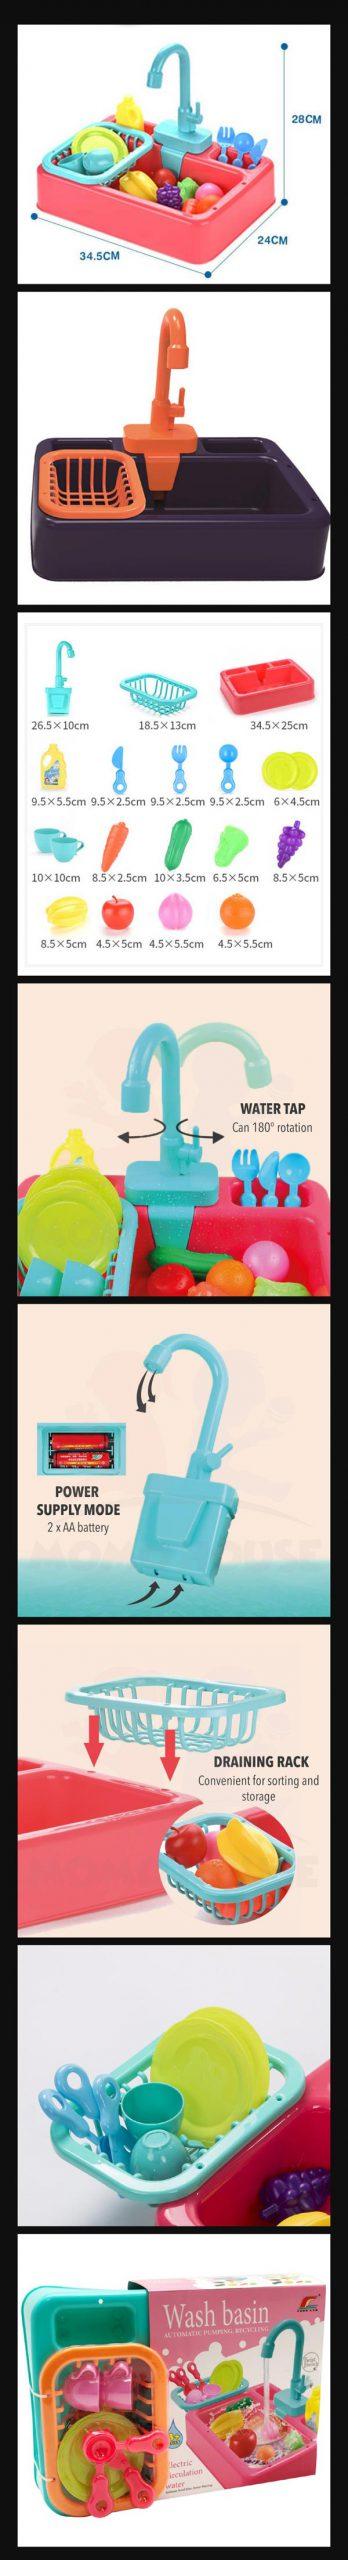 Kitchen Sink Play Set